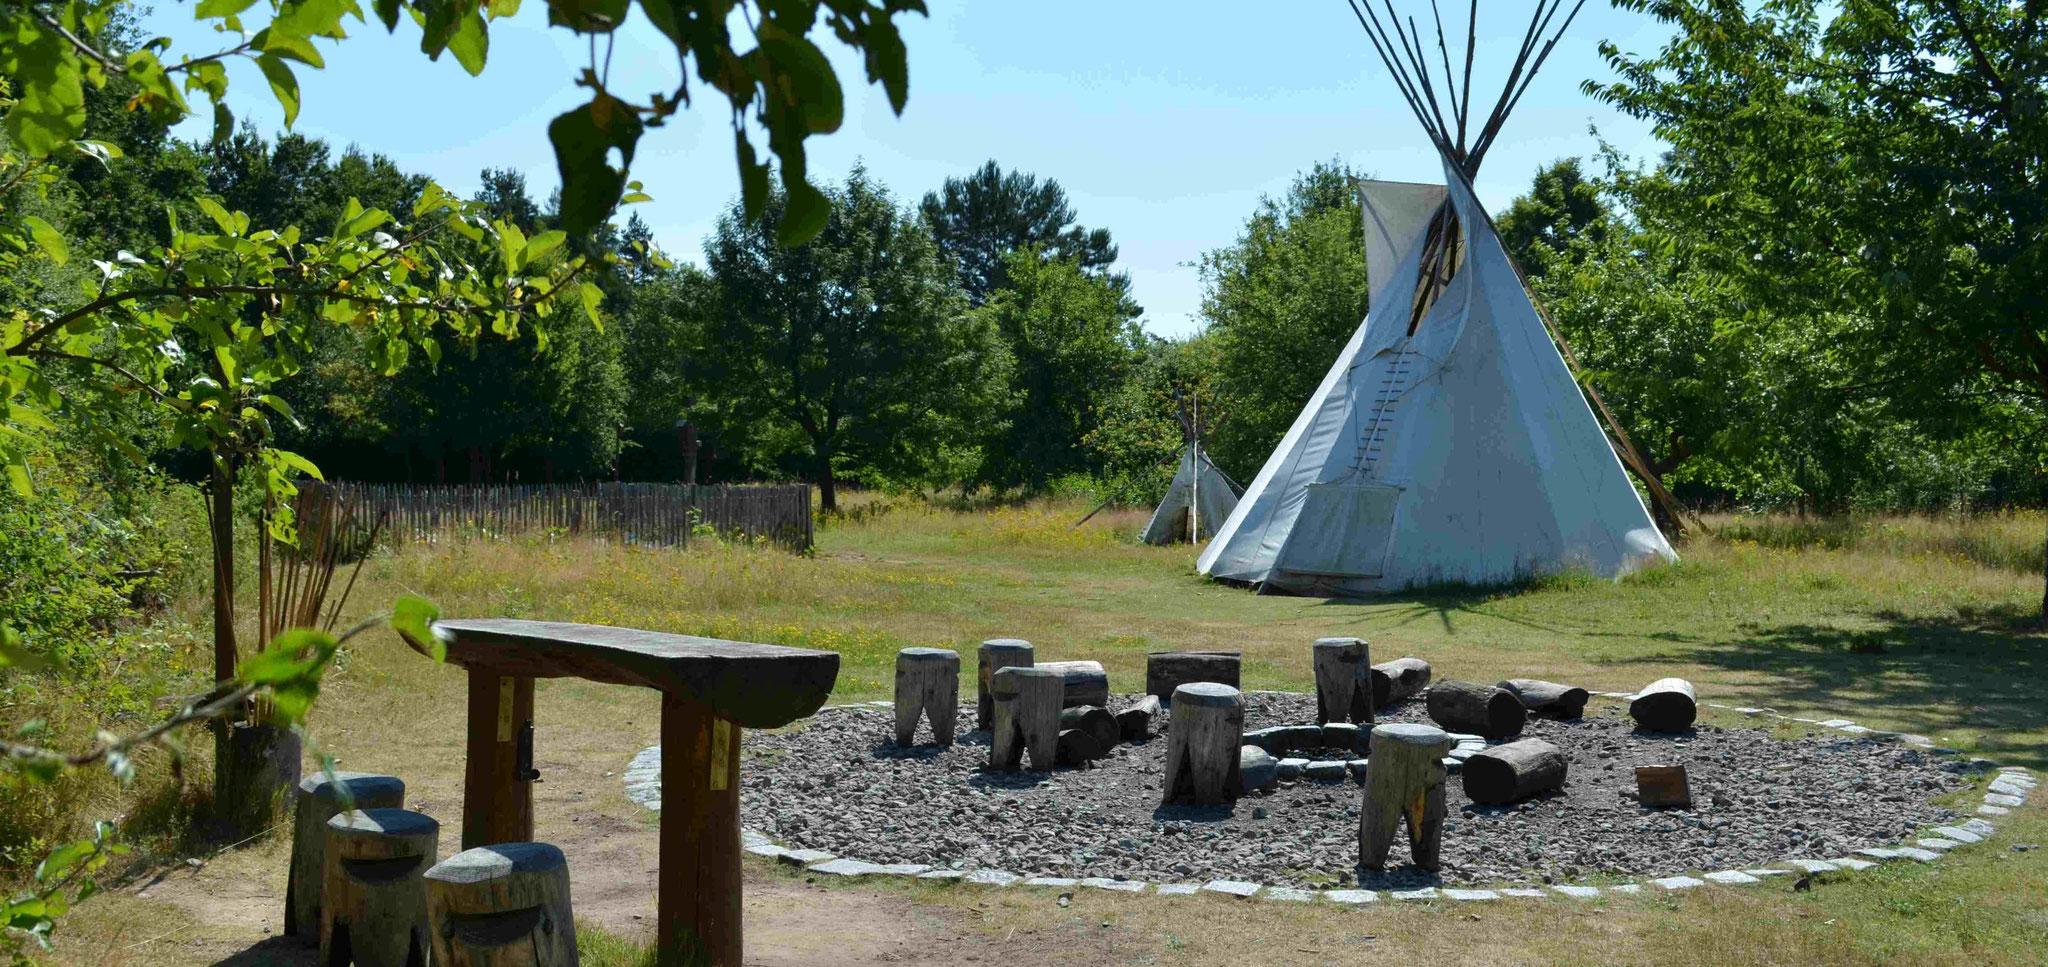 Lagerfeuerplatz mit Wiese und Indianertipi